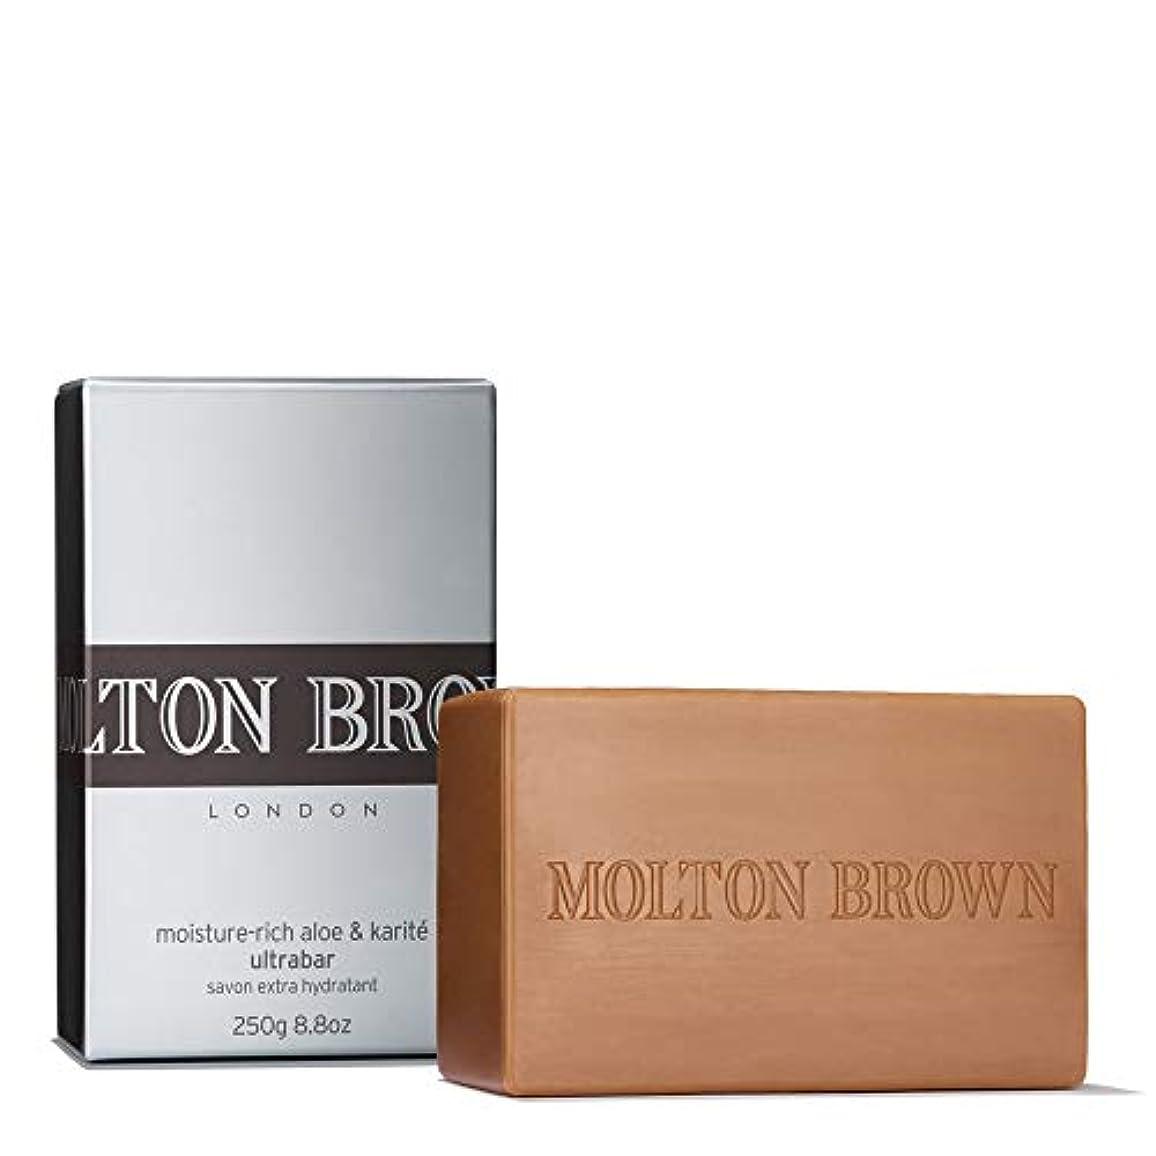 ポーチ郵便番号シャイニングMOLTON BROWN(モルトンブラウン) モイスチャーリッチ アロエ&カリテ ウルトラバー